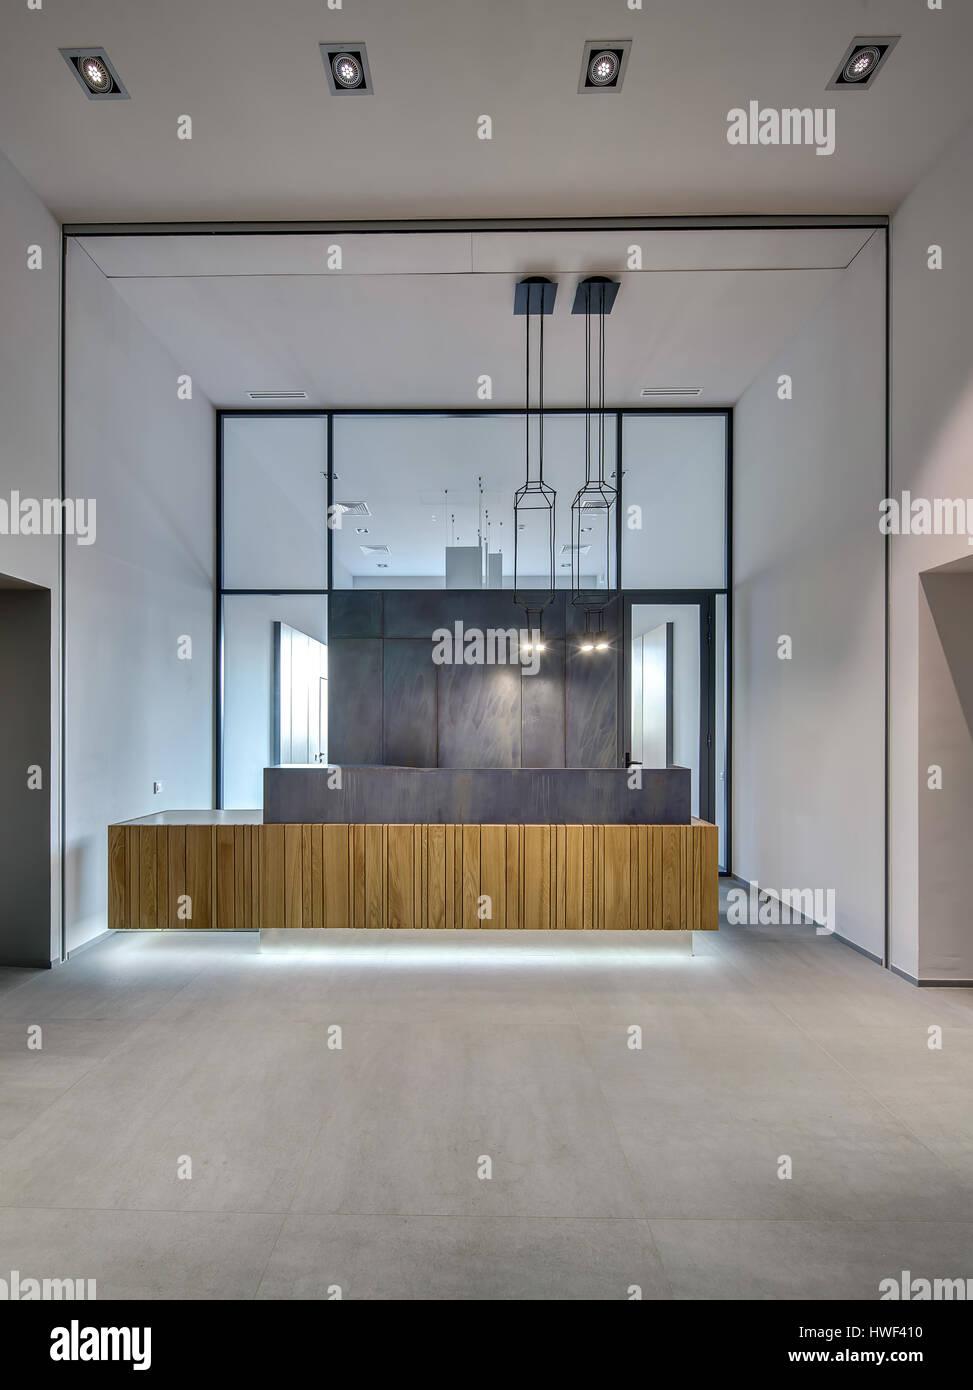 Glühende Interieur in einem Loft-Stil mit grauen Wänden und großen ...